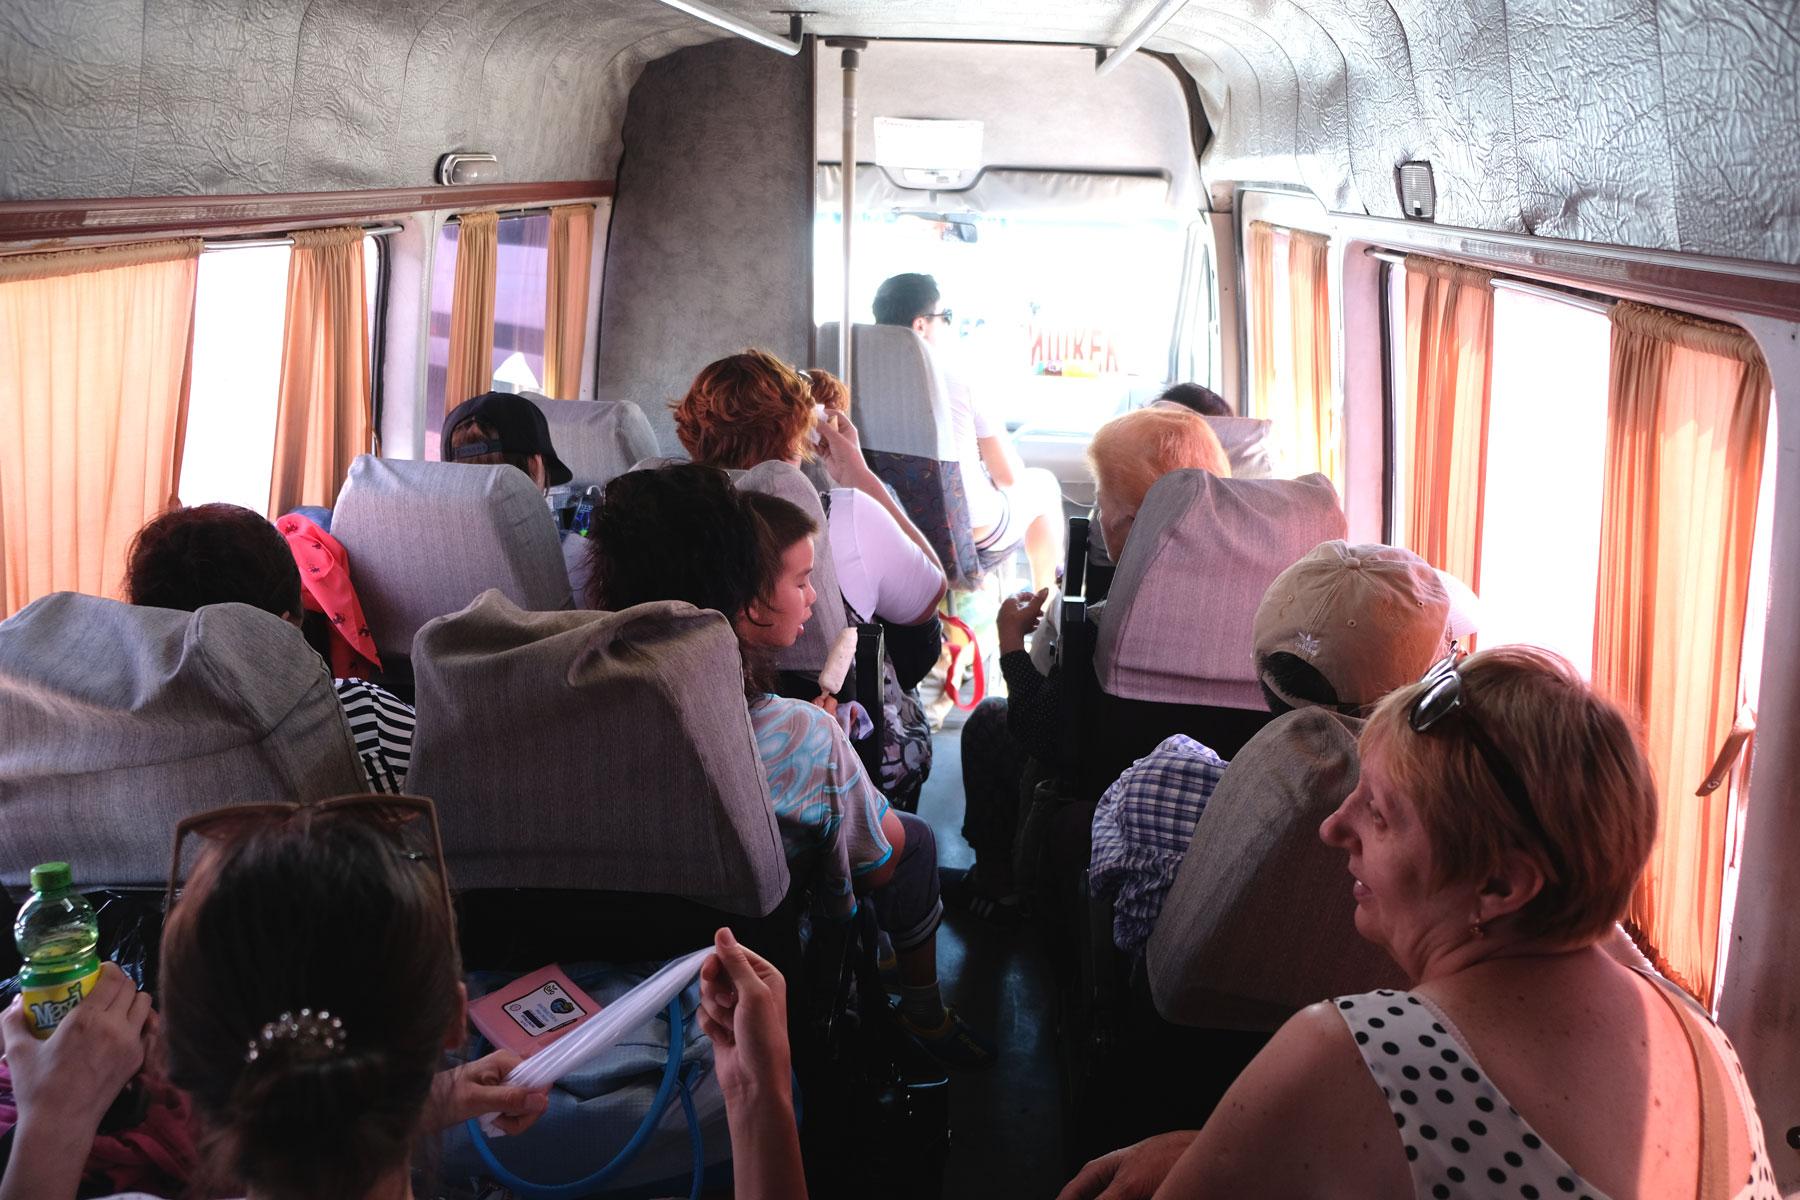 Anreise mit der überhitzten und vollen Marschrutka. Aber: Eine Person, ein Sitzplatz. Das kennen wir auch anders und freuen uns, dass wir nicht auch noch einen Platz teilen müssen.